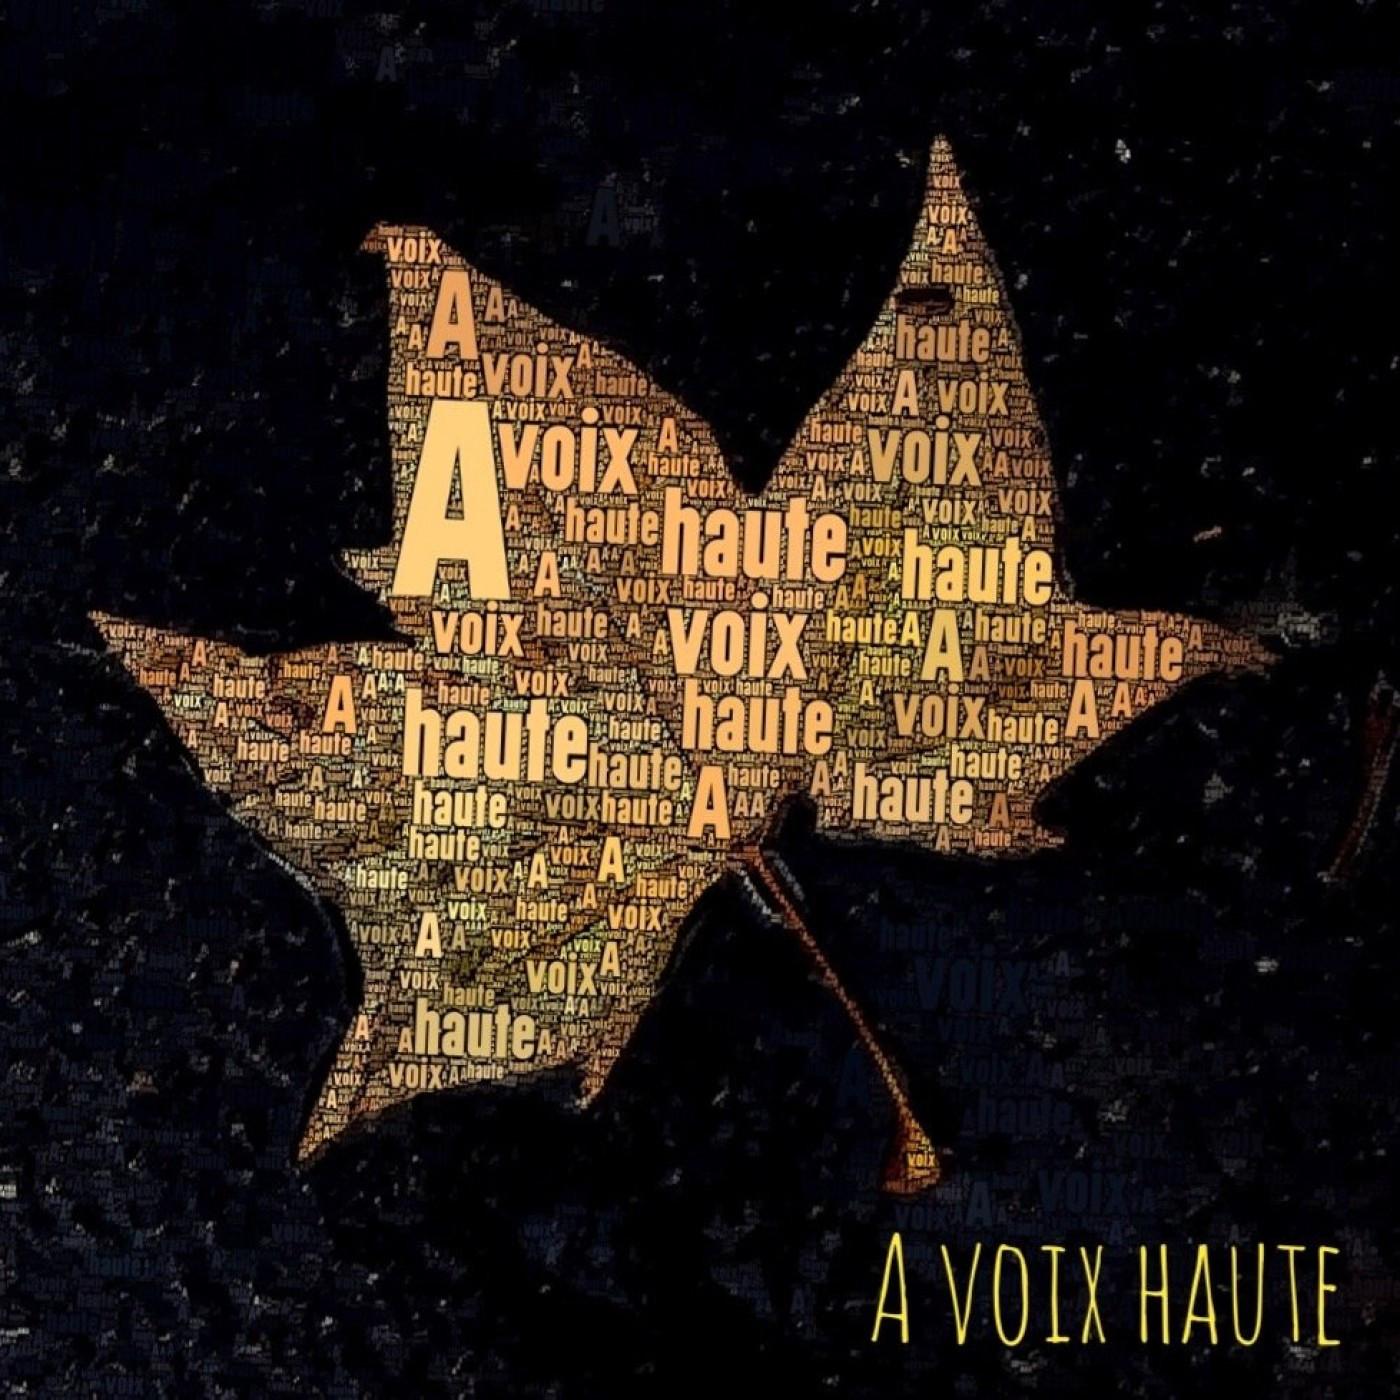 Les mille et une nuits - Auteur(e)s anonymes. Ali baba et les 40 Voleurs Intégral Conteur : Yannick Debain